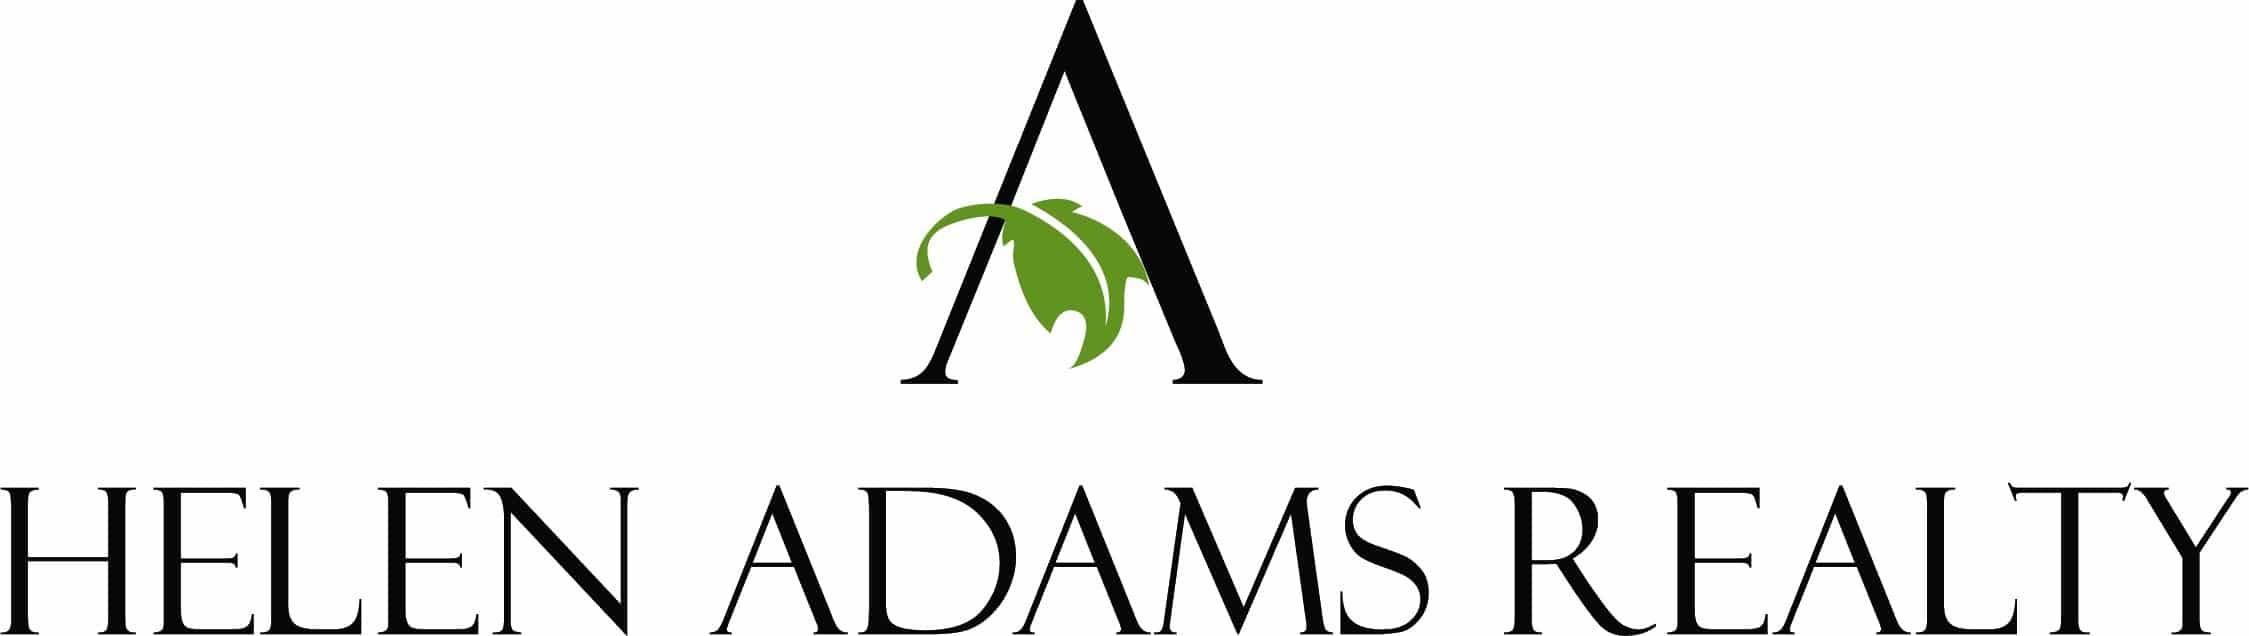 Helen Adams Realty One Line Logo